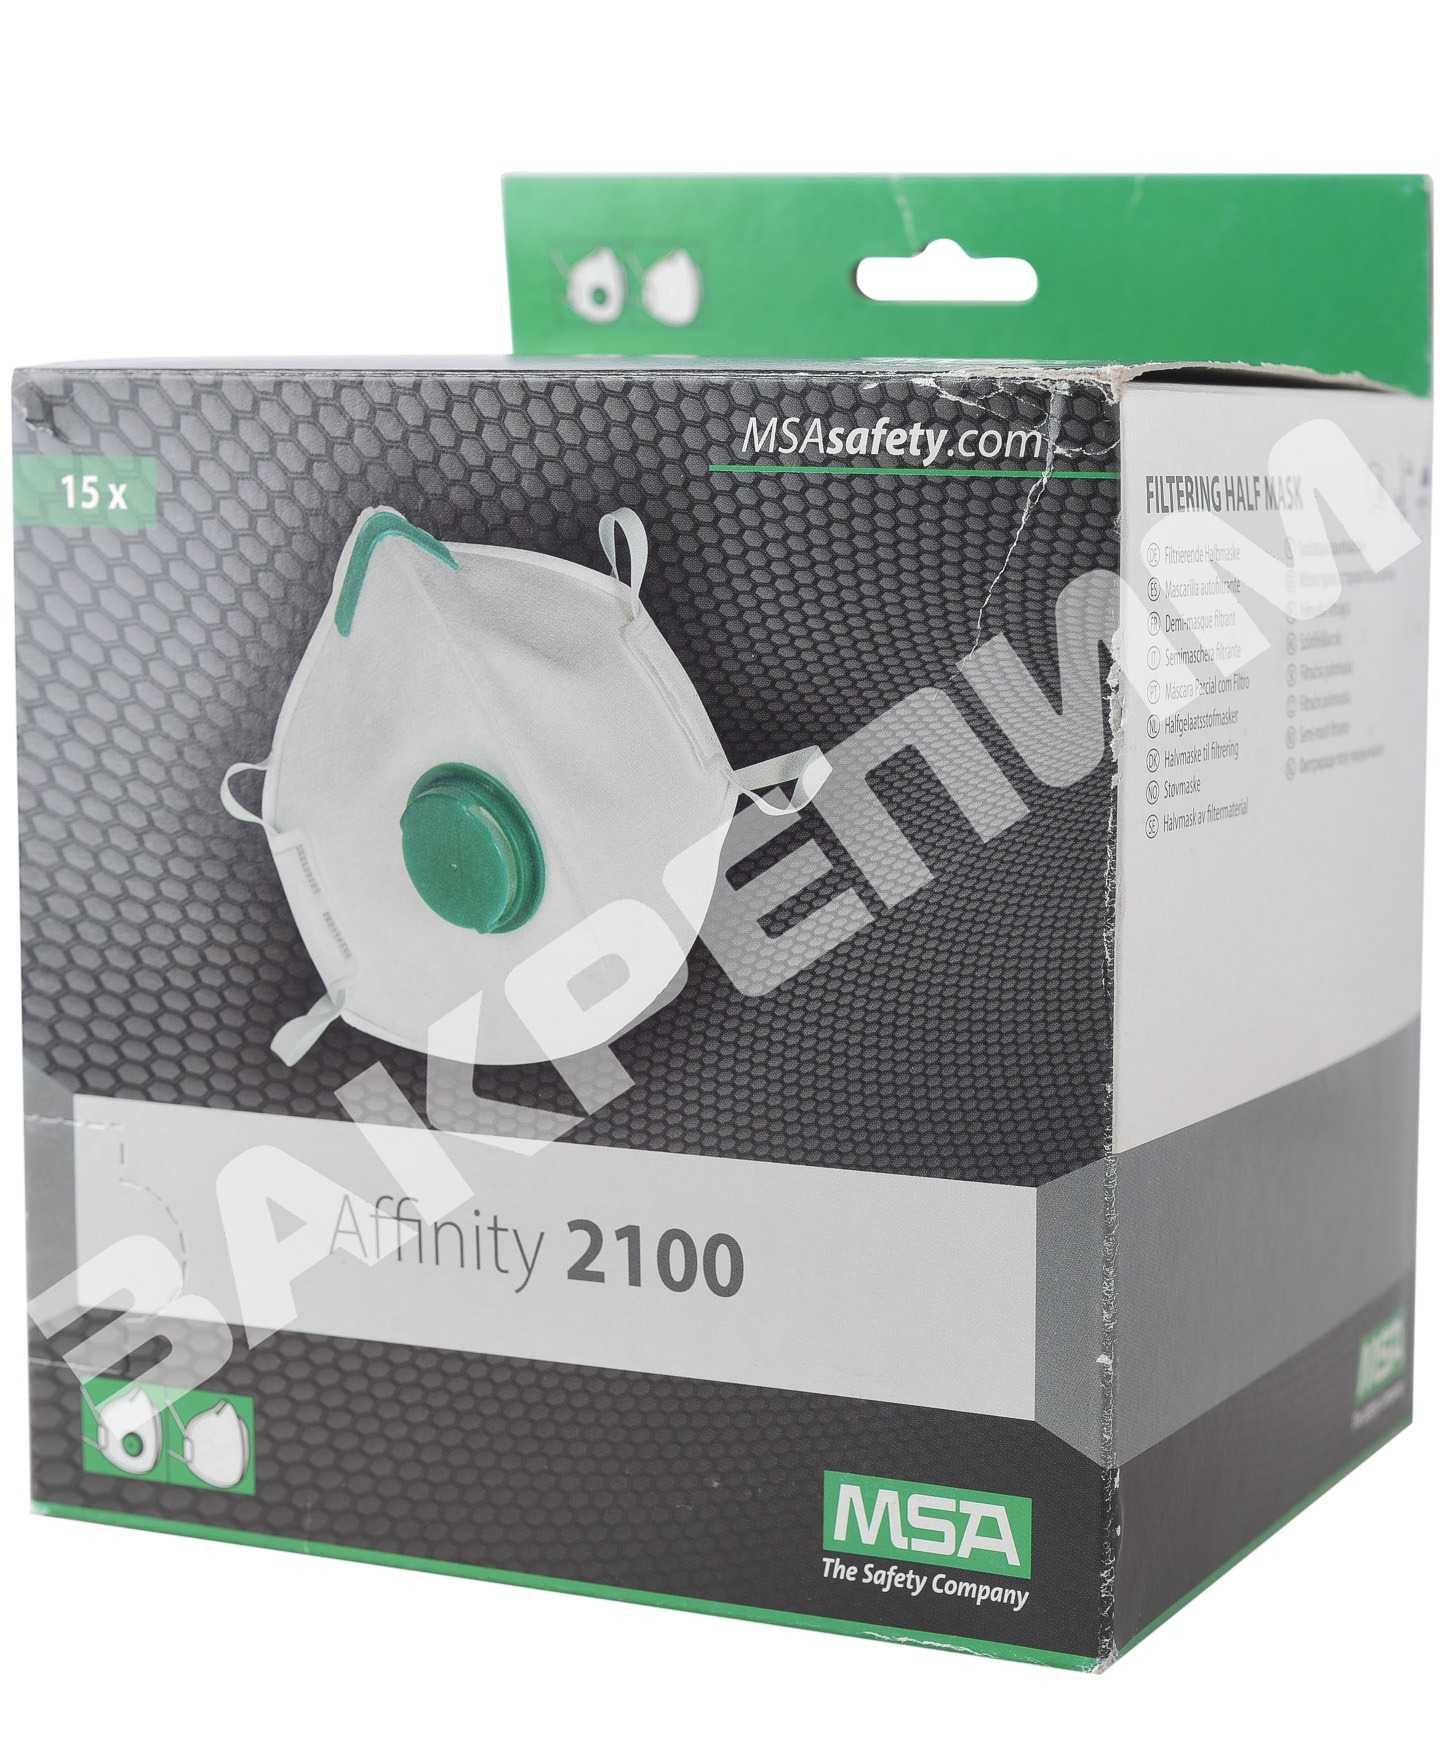 msa-2100